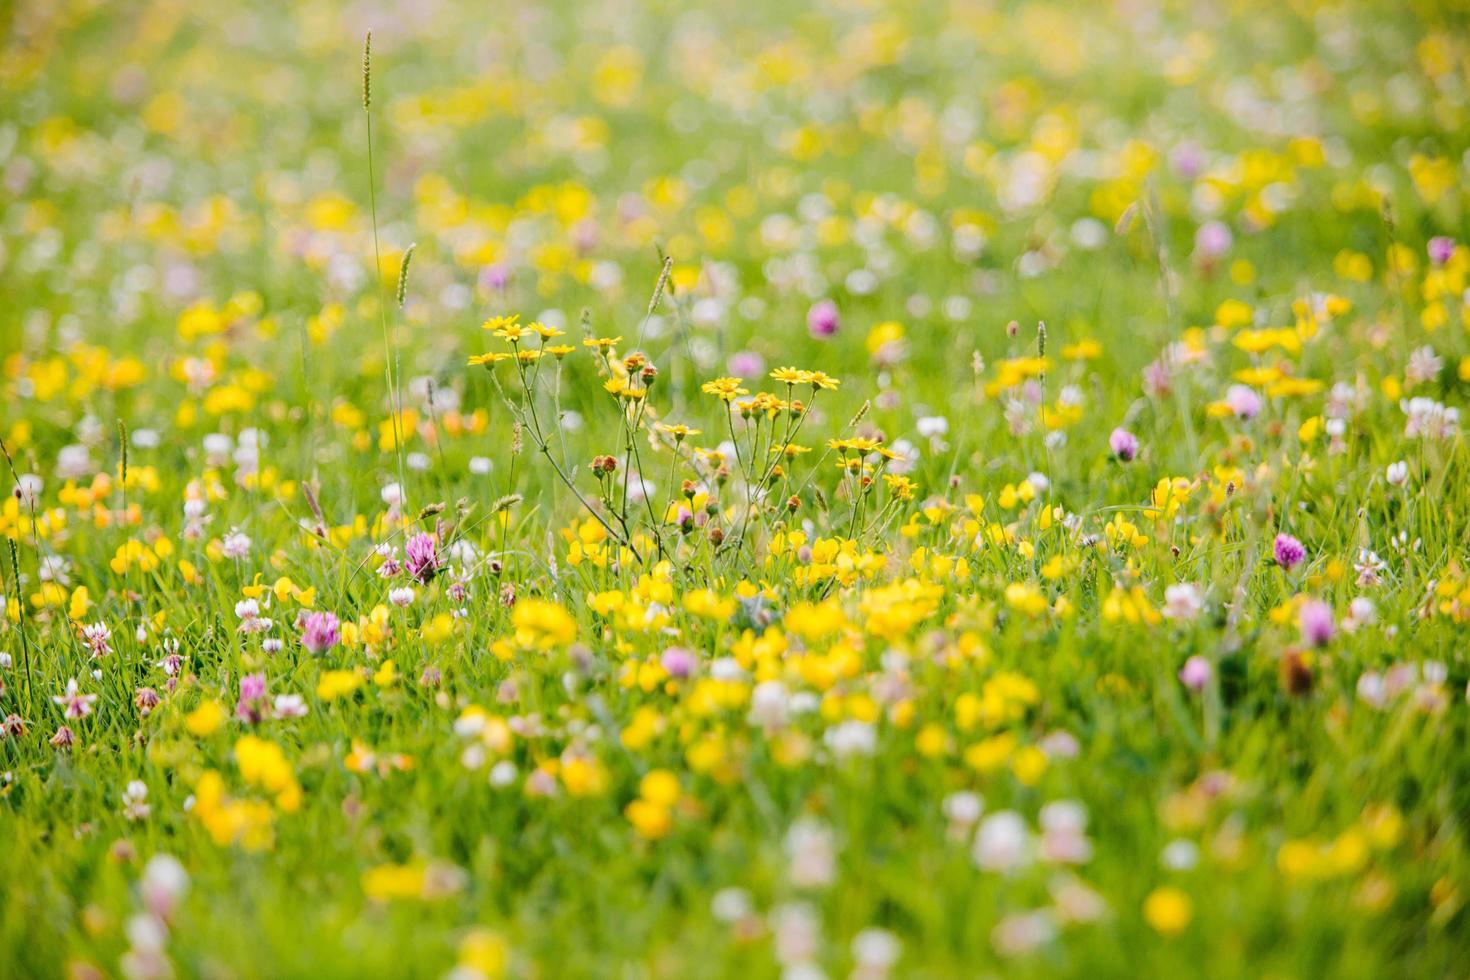 champ de fleurs jaunes pendant la journée photo